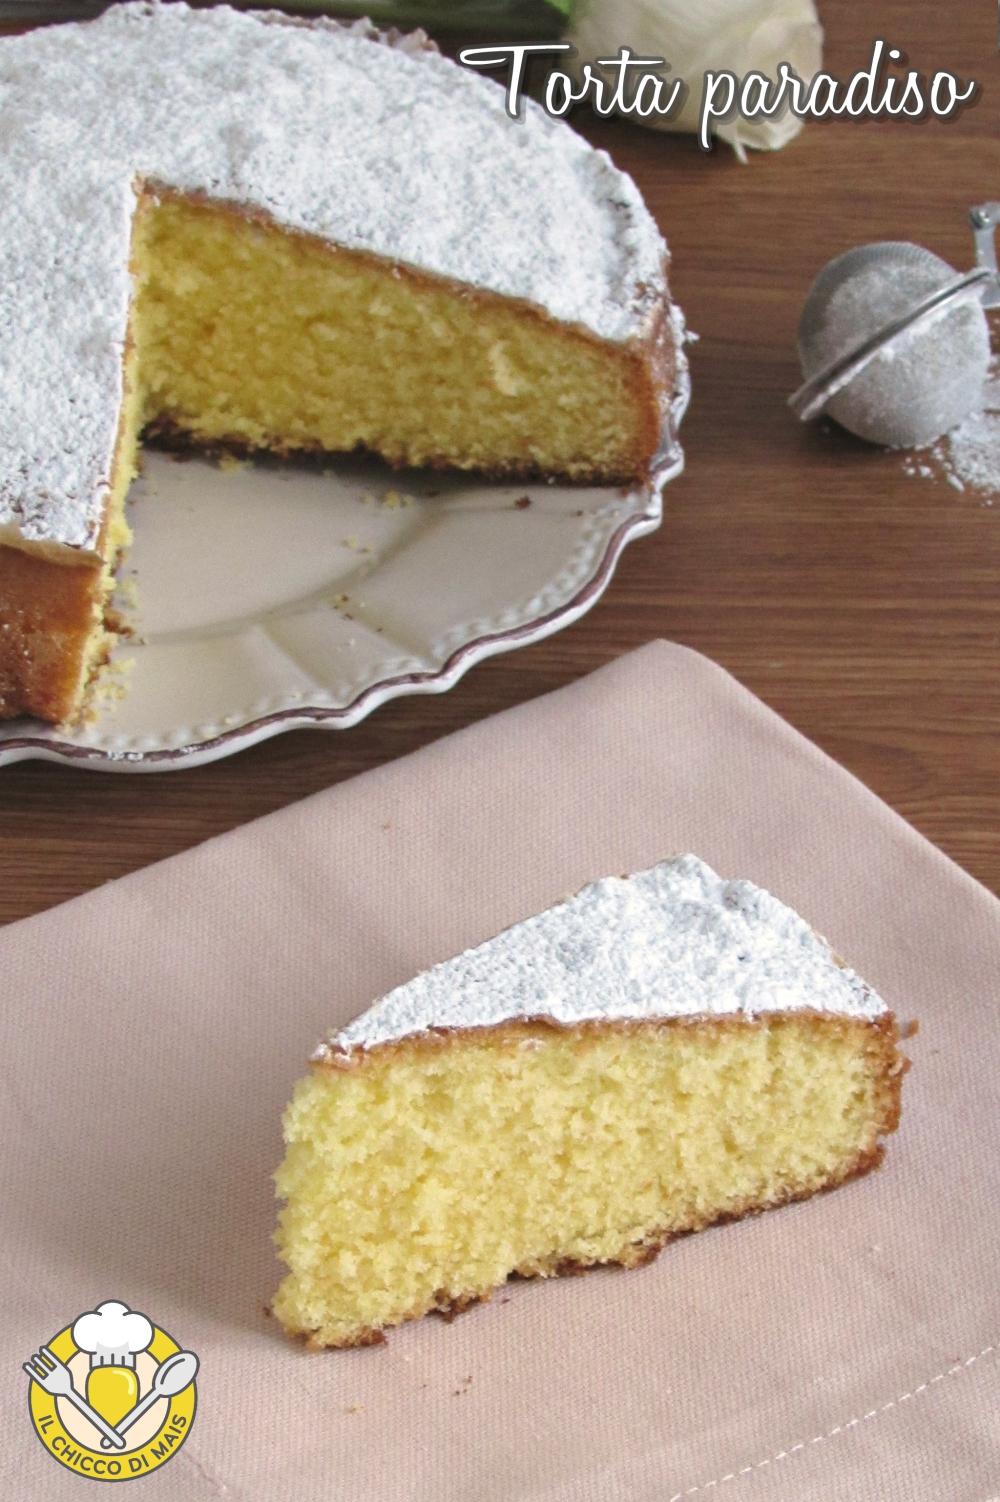 v_ torta paradiso ricetta originale con impasto soffice e che si scioglie in bocca il chicco di mais